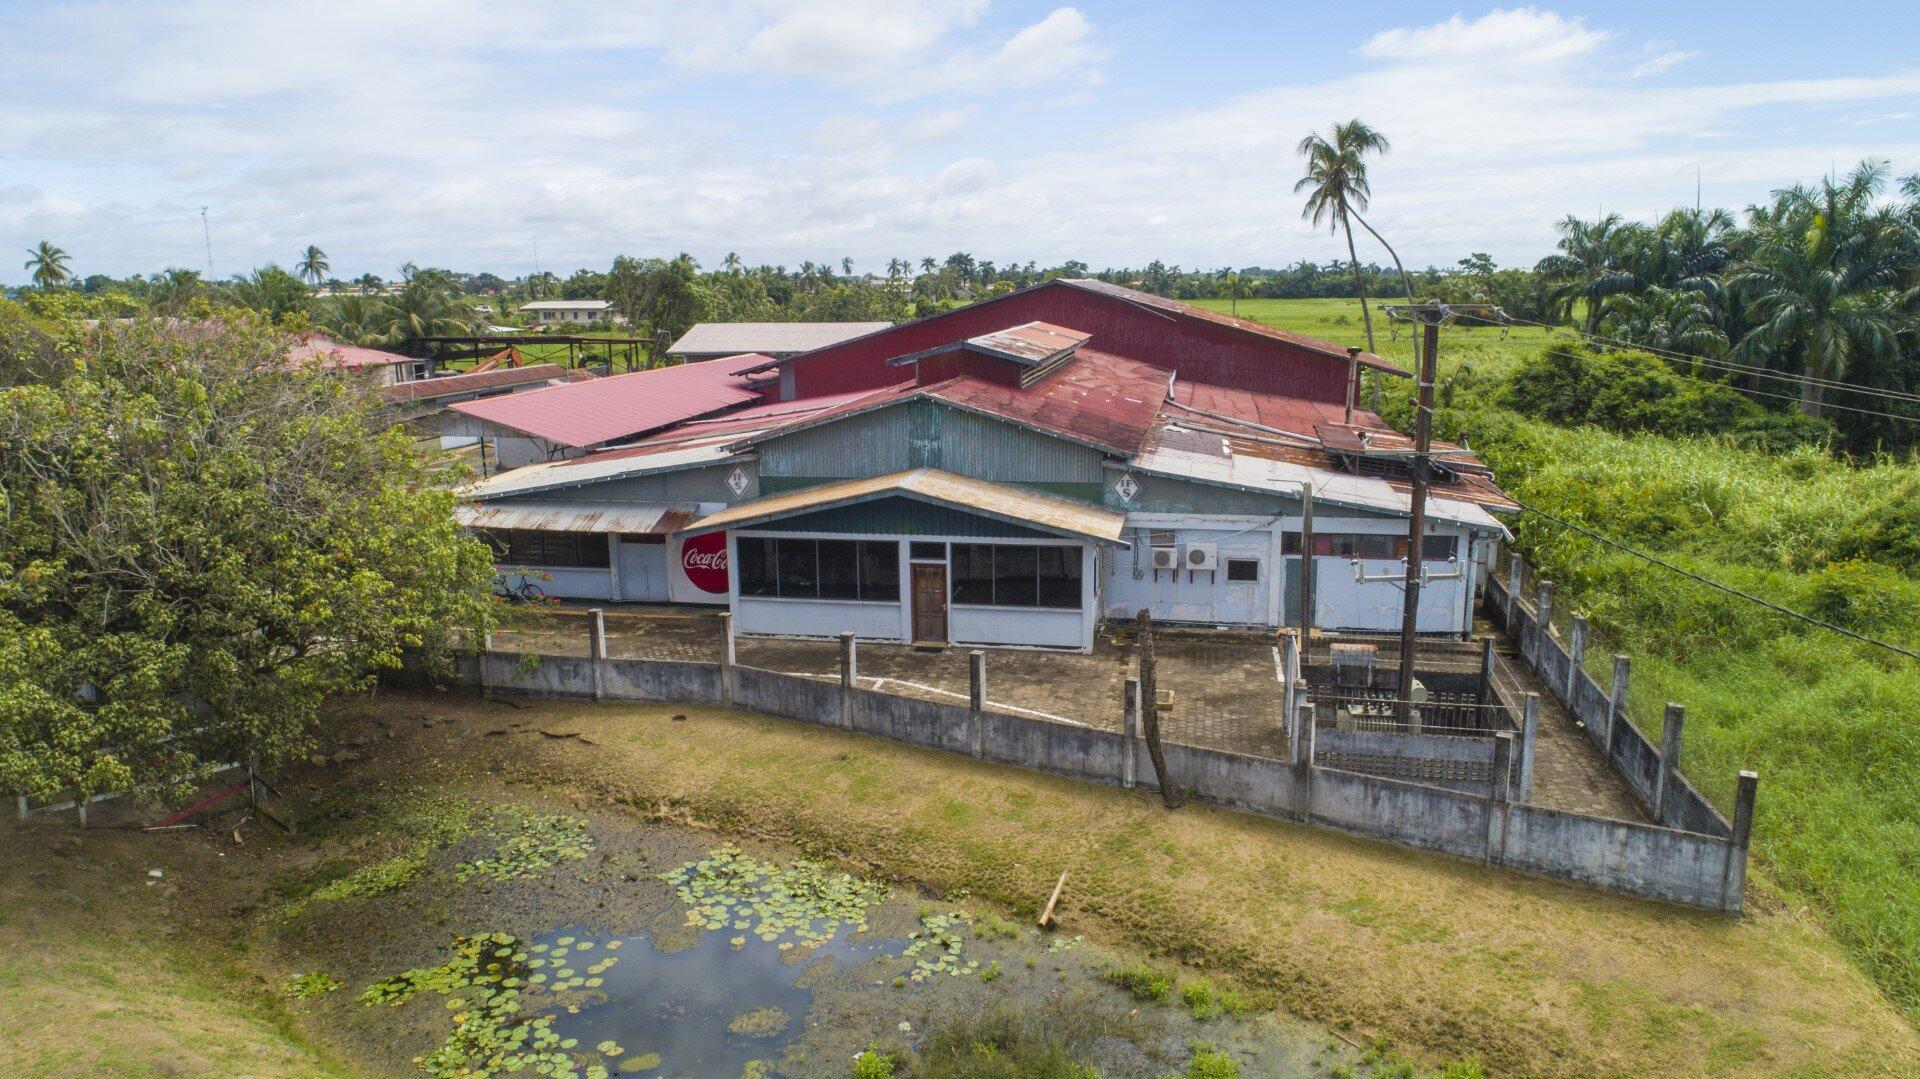 G.G. Maynardstraat, Nickerie - Nieuw Nickerie - Suriname - Surgoed Makelaardij NV